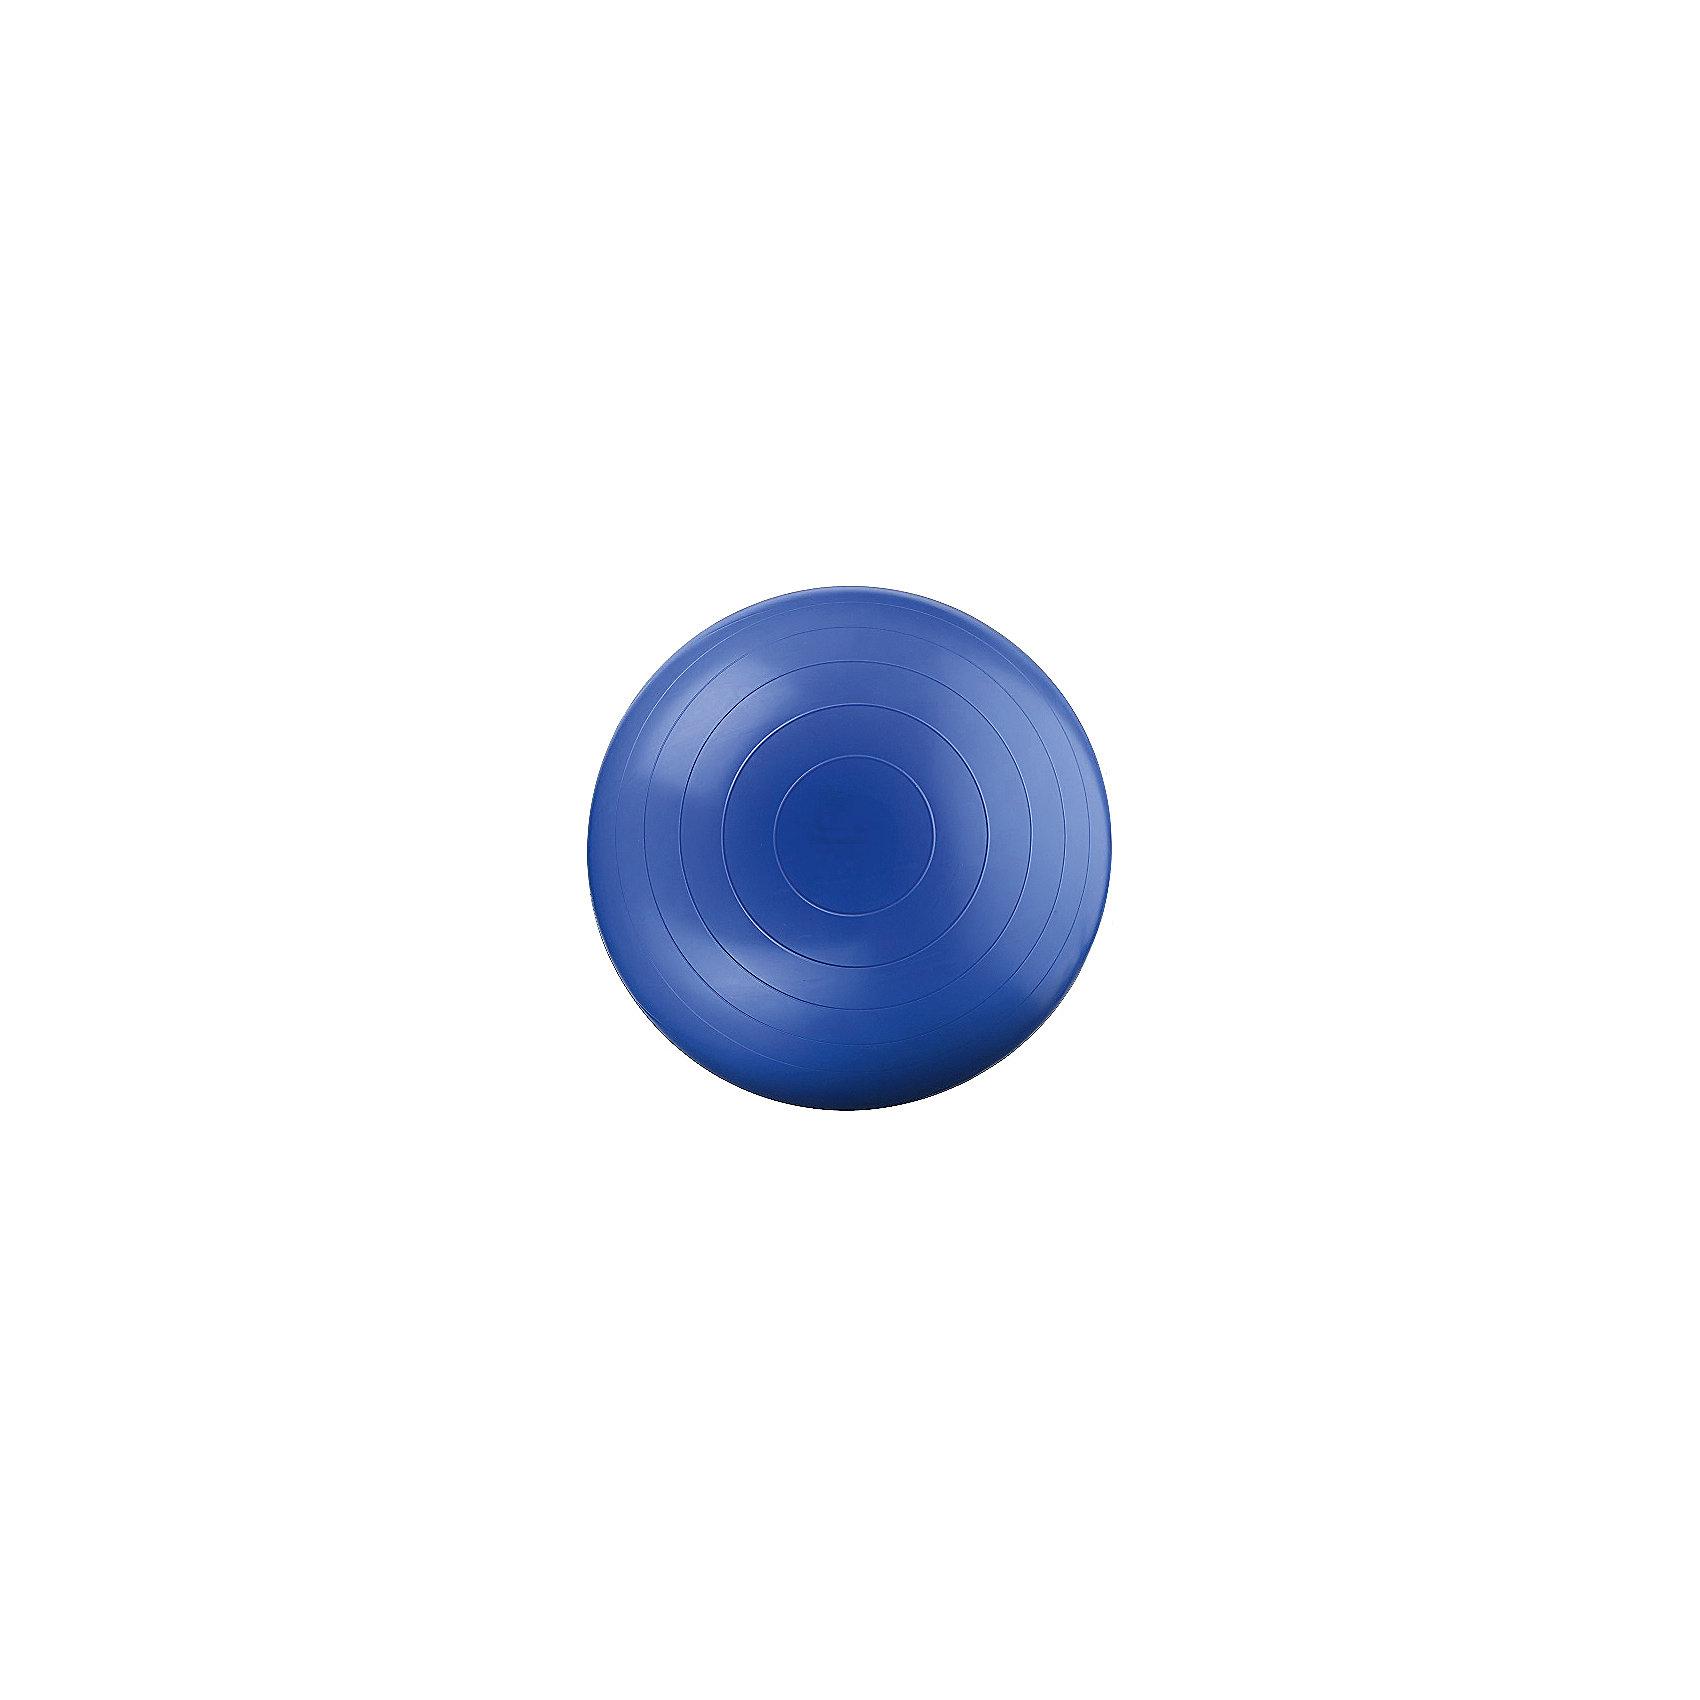 Мяч гимнастический (Фитбол), ?75см голубой, DOKAДиаметр гимнастического мяча-75 см.<br>Выдерживает нагрузку до 200 кг.,<br>снабжен системой антивзрыв,произведен из нетоксичного и гипоаллергенного ПВХ (Германия) на Итальянском оборудовании, безвредного для детей любого возраста.Во время гимнастики на фитболе сгорает больше килокалорий, чем при простой силовой тренировке, так как равномерно прорабатываются те группы мышц, которые обычно недоступны, особенно мышцы брюшного пресса и спины. Мяч очень легкий и компактный, надувается насосом в считанные минуты.<br>Идеально подходит для занятий с детьми с 4-месячного возраста с целью формирования правильных рефлексов и развития координации движения. <br>Фитбол предназначен для занятий спортивной и лечебной гимнастикой,развития и укрепления мышц спины, рук, живота и ног,формирования правильной осанки,игр и отдыха.<br><br>Ширина мм: 122<br>Глубина мм: 153<br>Высота мм: 254<br>Вес г: 1320<br>Возраст от месяцев: 4<br>Возраст до месяцев: 192<br>Пол: Унисекс<br>Возраст: Детский<br>SKU: 5510732